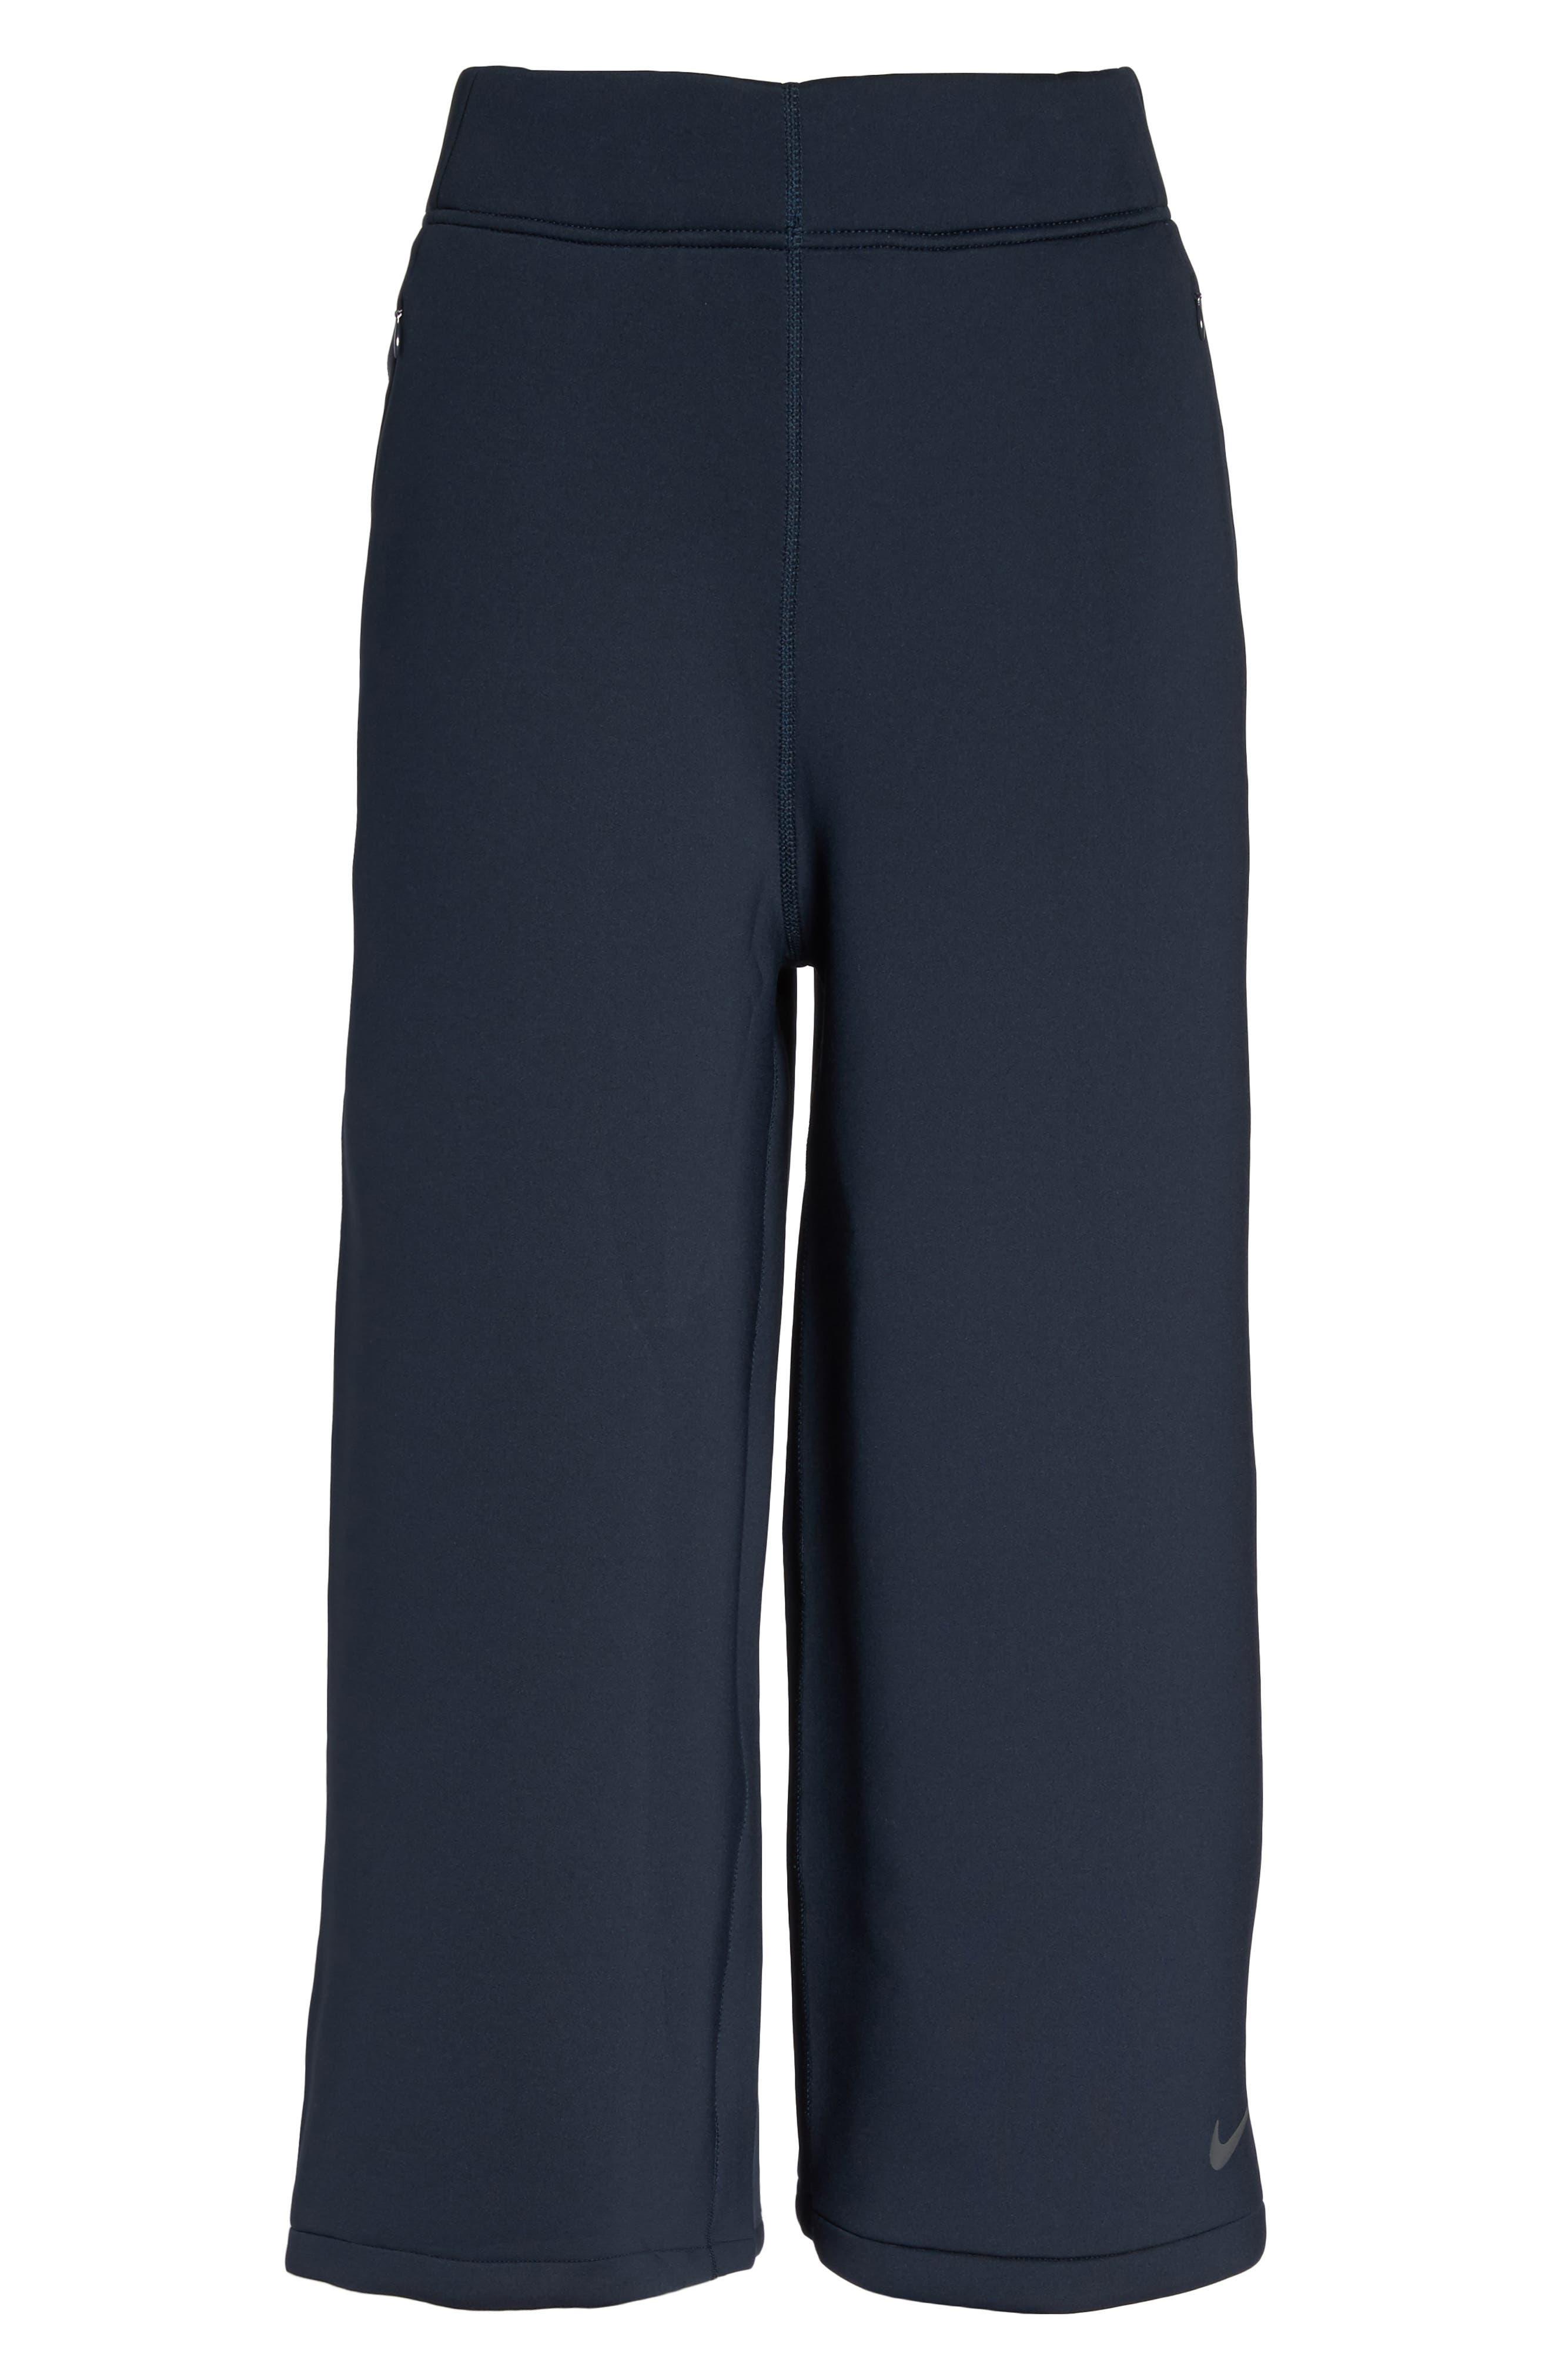 Alternate Image 5  - Nike Therma Sphere Max Crop Pants